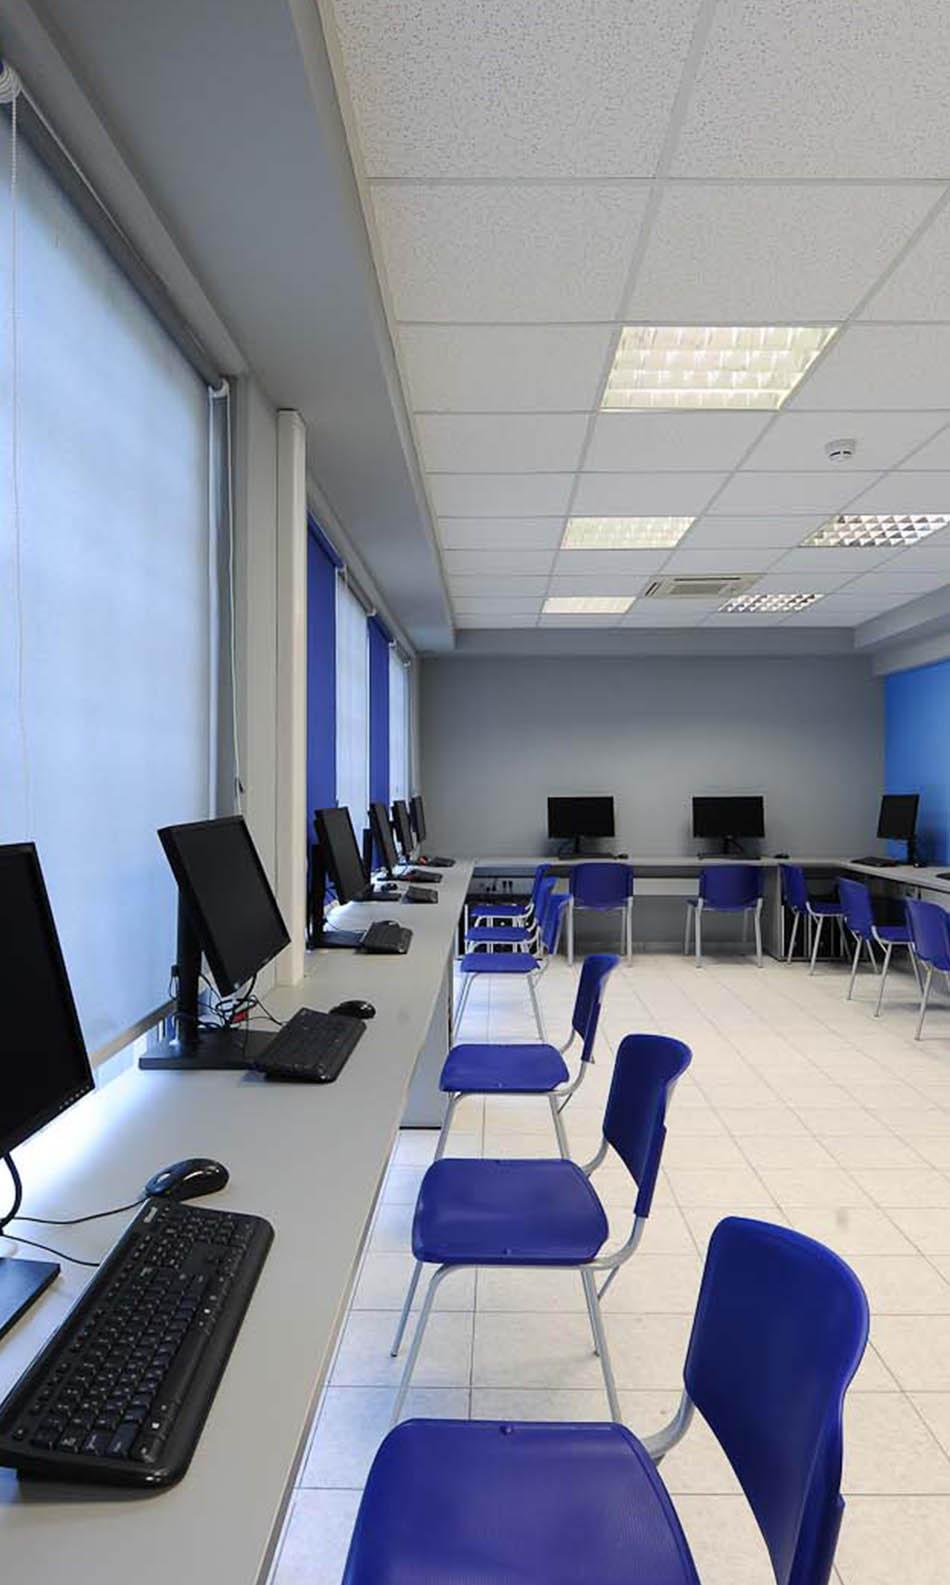 ΙΕΚ ΑΚΜΗ: Σχολή Ηράκλειο Κρήτης